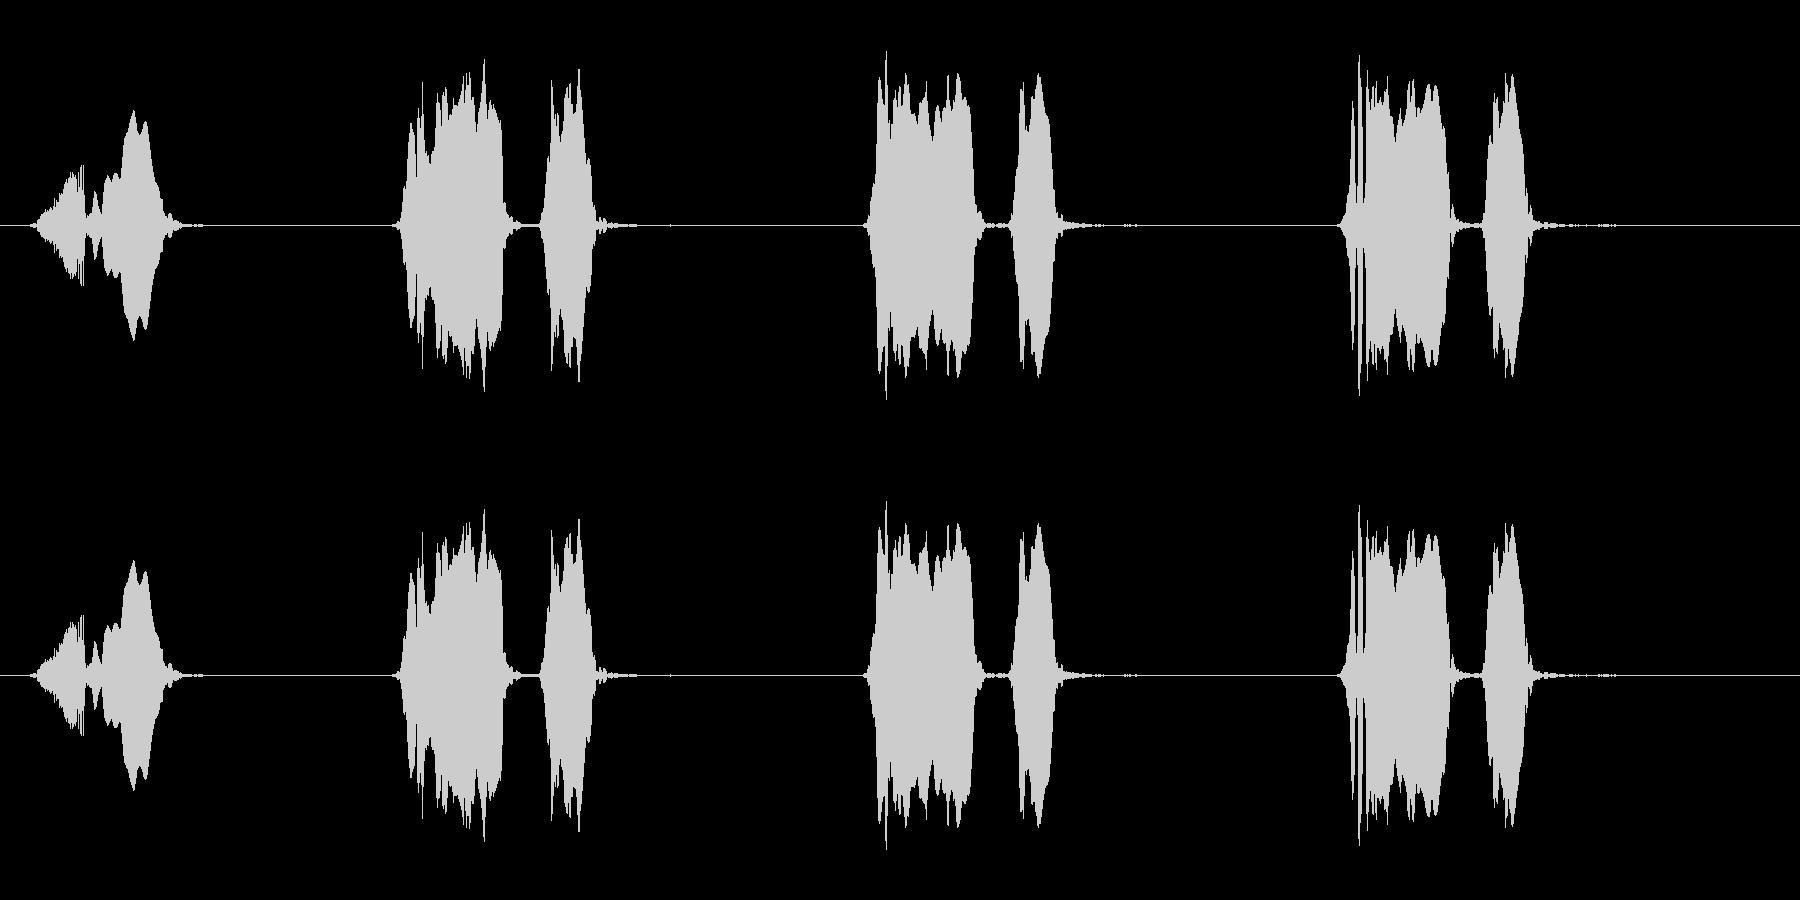 ウズラの鳴き声03-01の未再生の波形